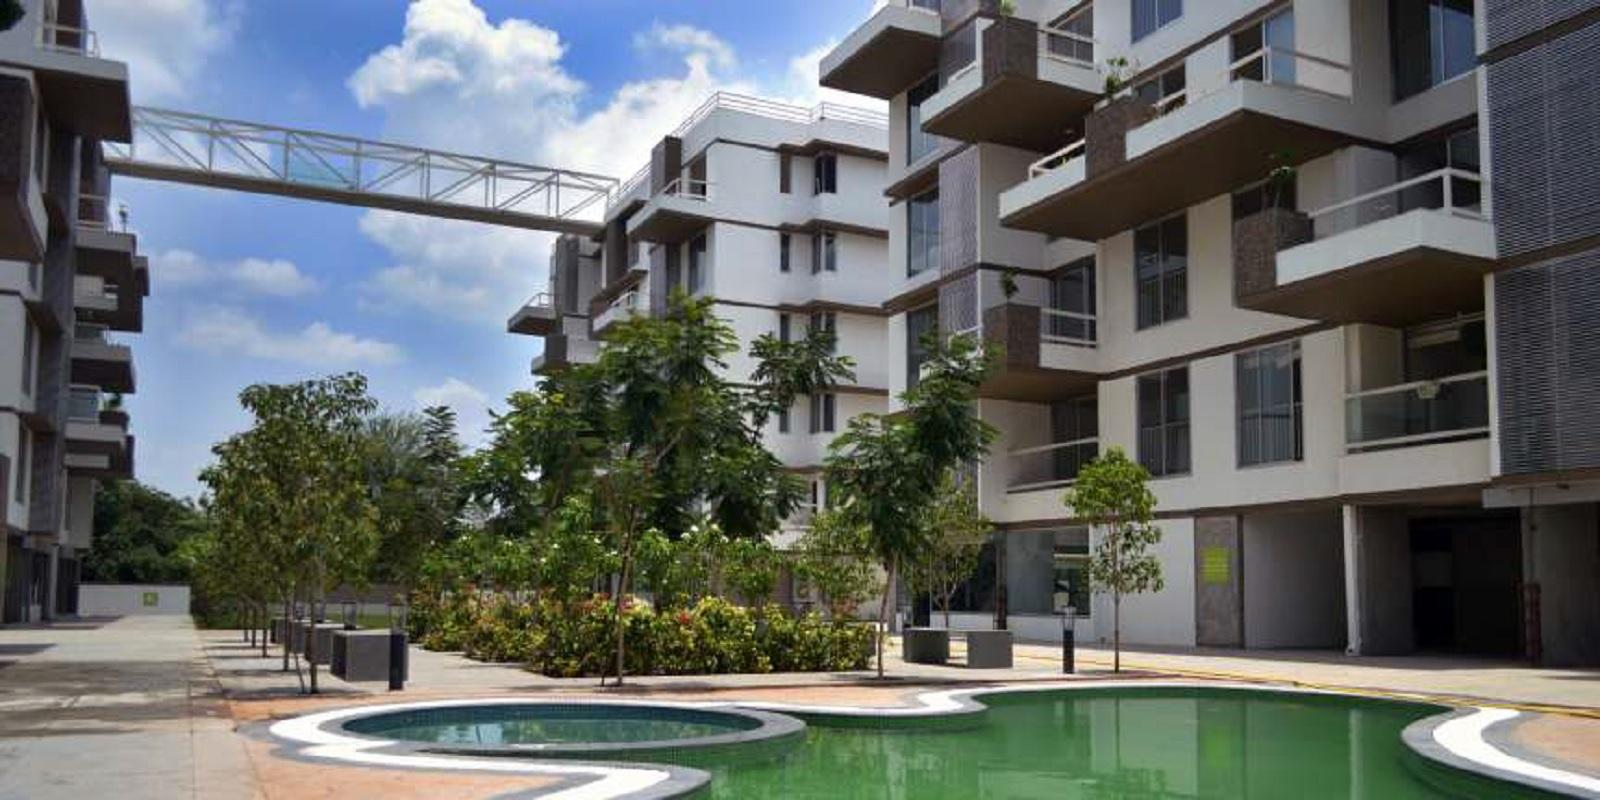 sangath terraces project project large image1